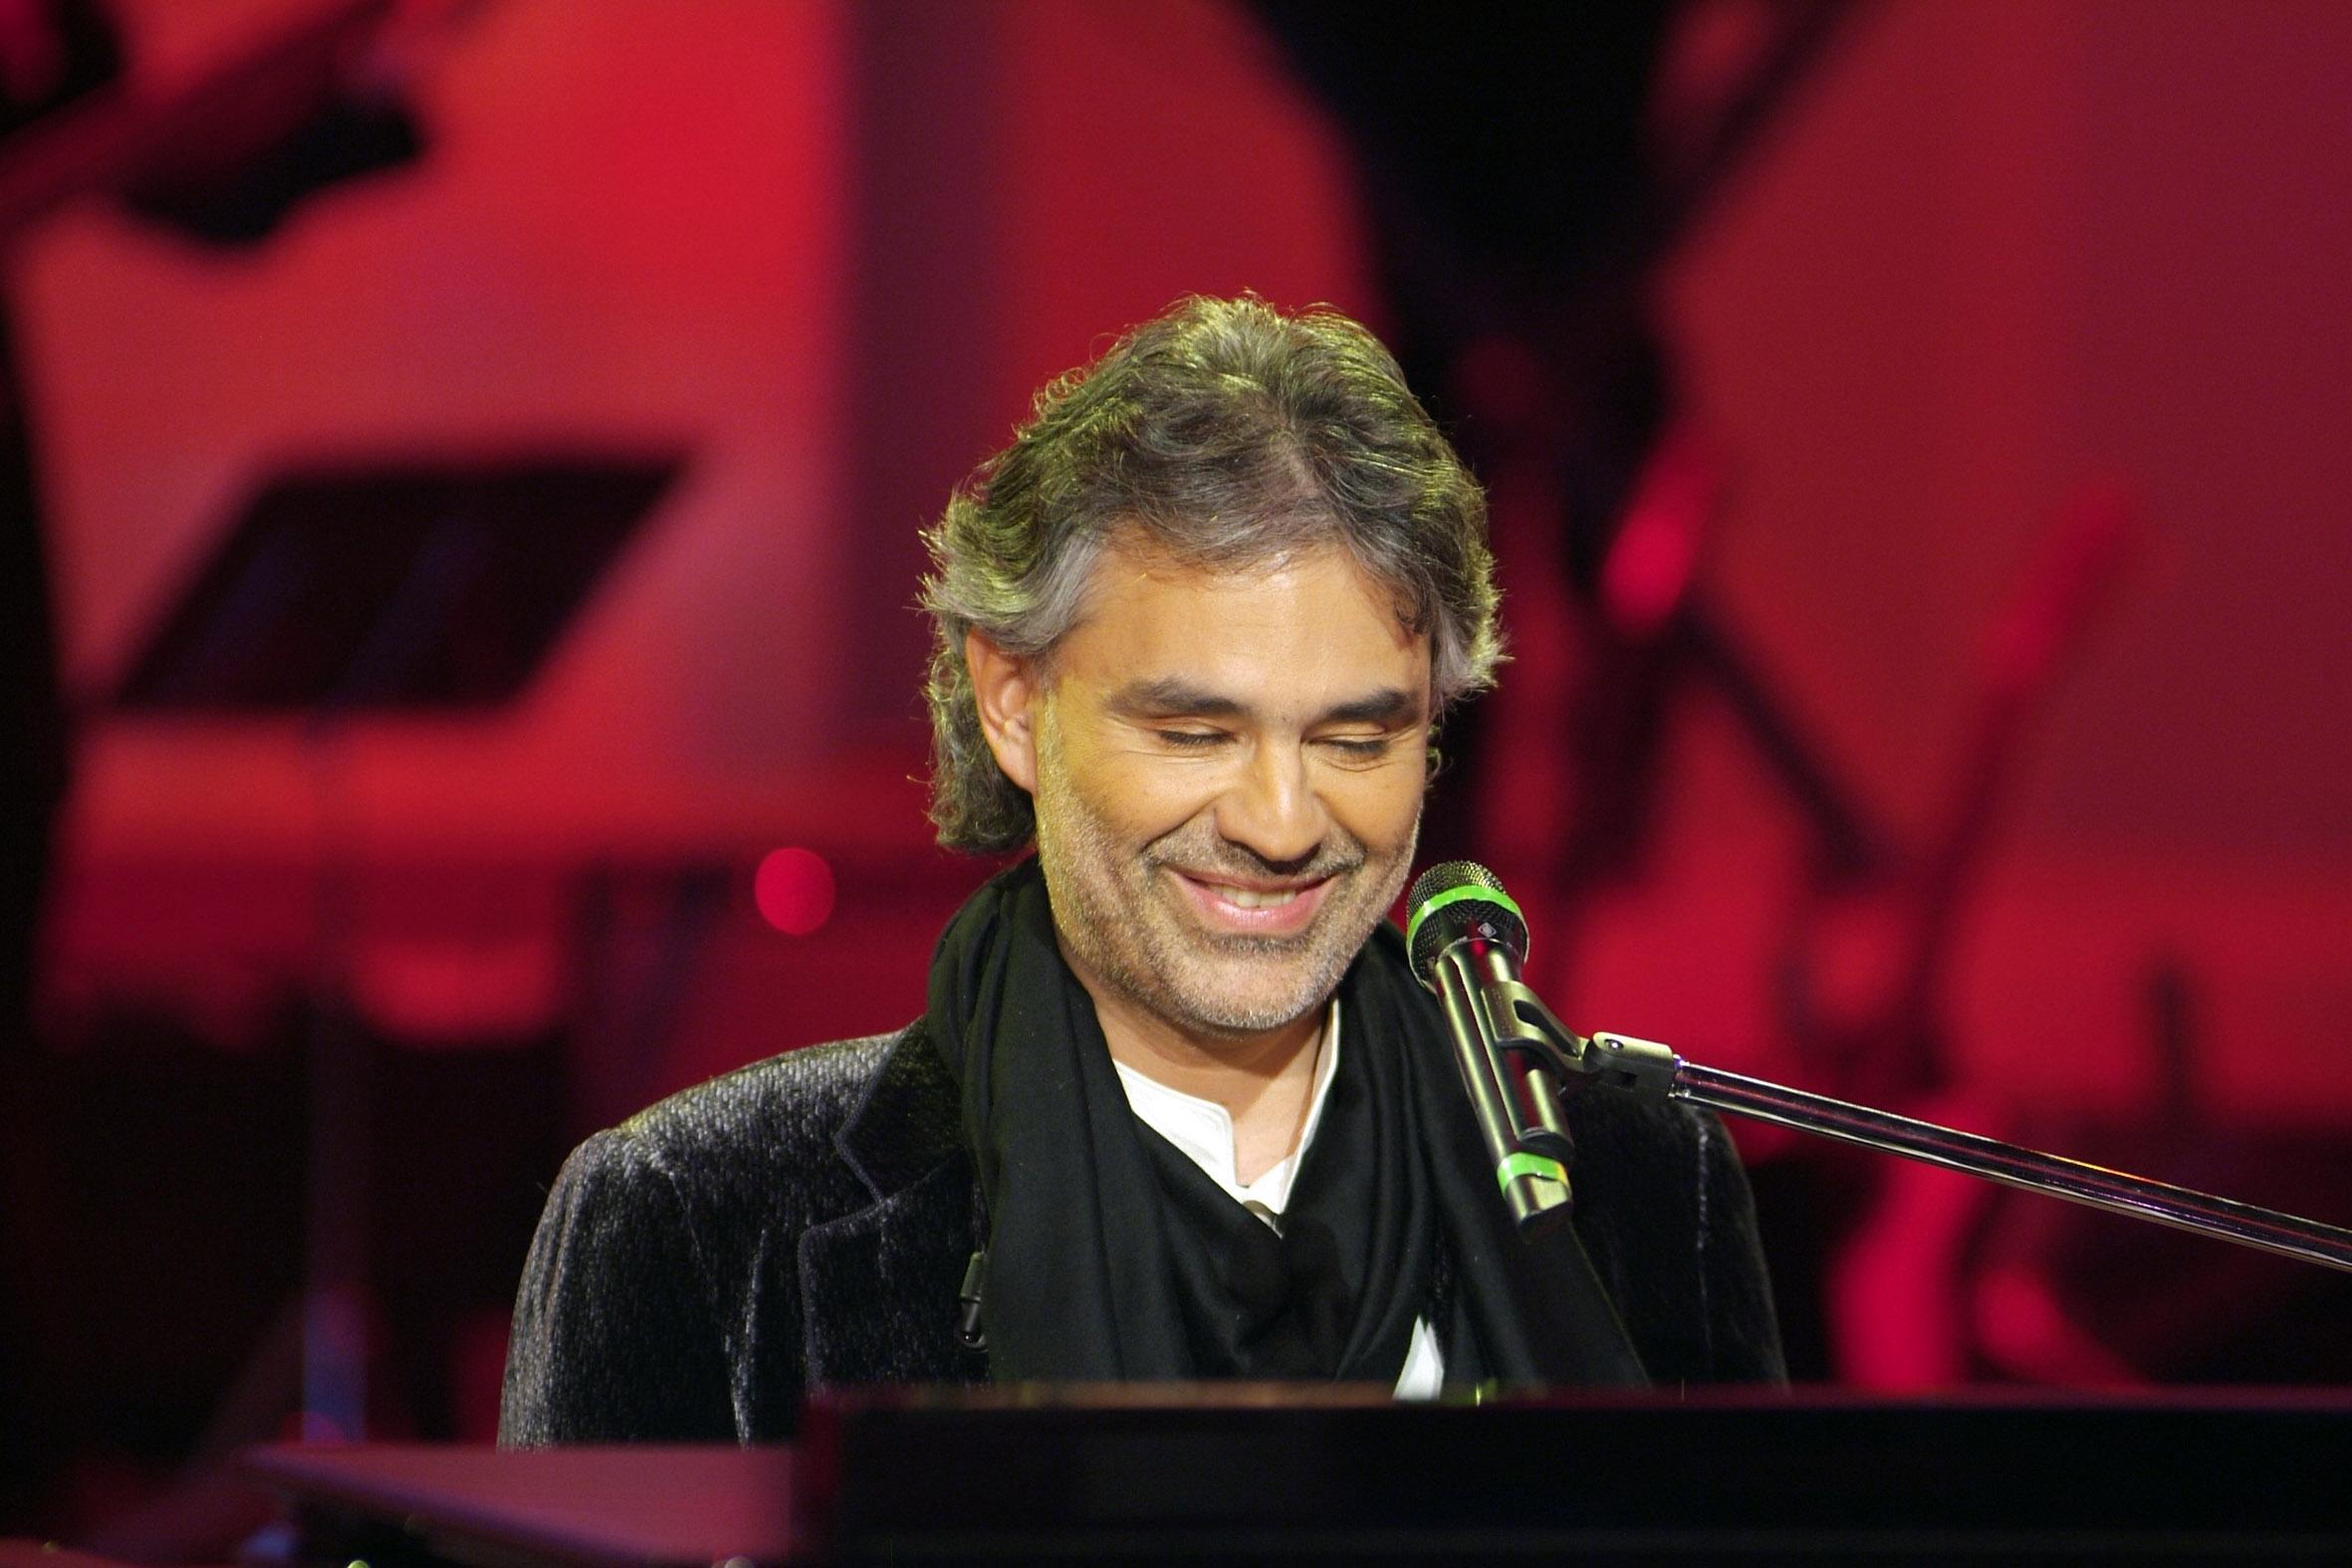 O tenor italiano, um popstar da música erudita/popular mundial – Foto: www.fanpop.com.br